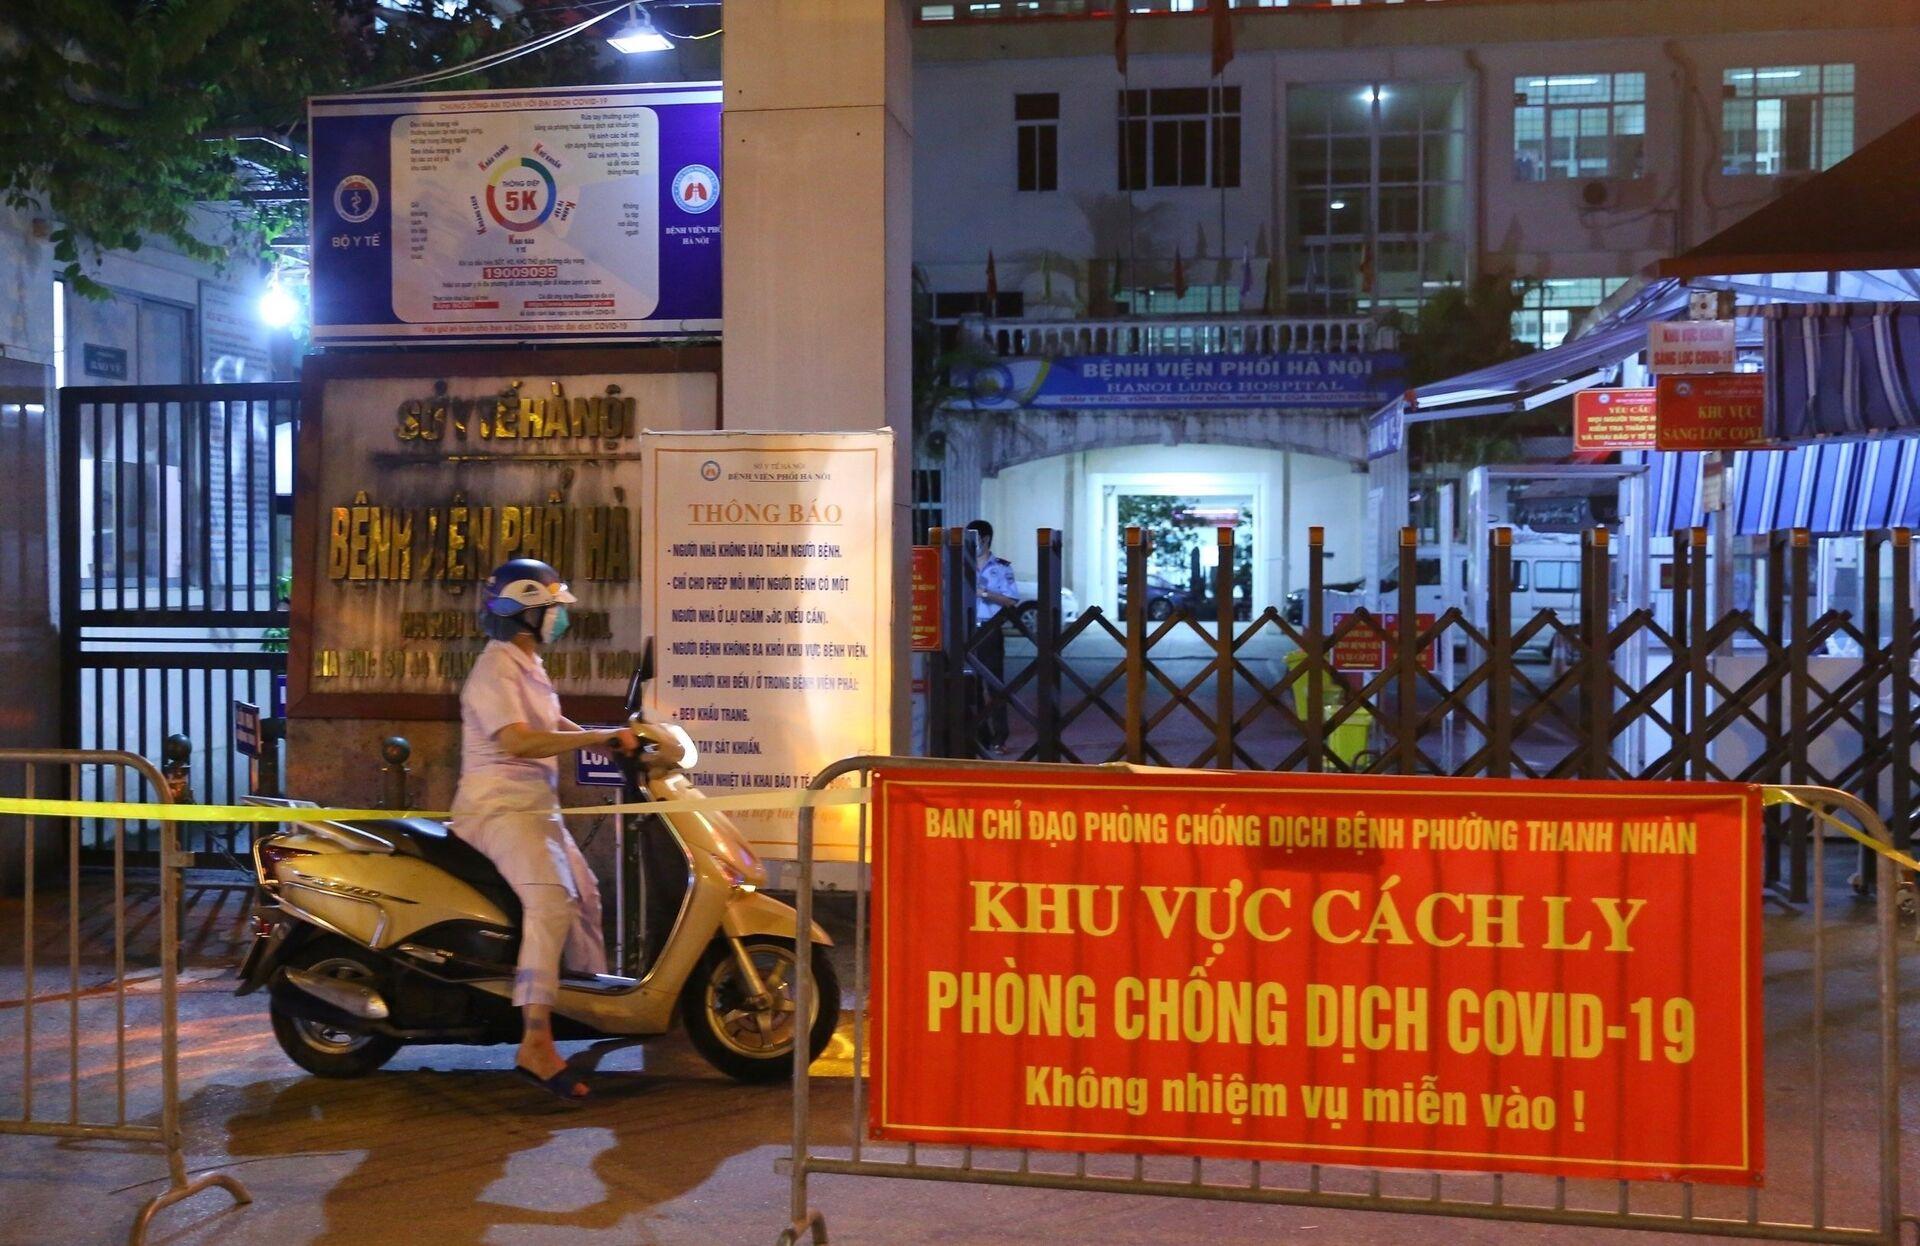 Phát hiện ổ dịch Covid-19 mới ở bệnh viện Phổi, nhiều người dân Hà Nội vẫn chủ quan - Sputnik Việt Nam, 1920, 26.07.2021